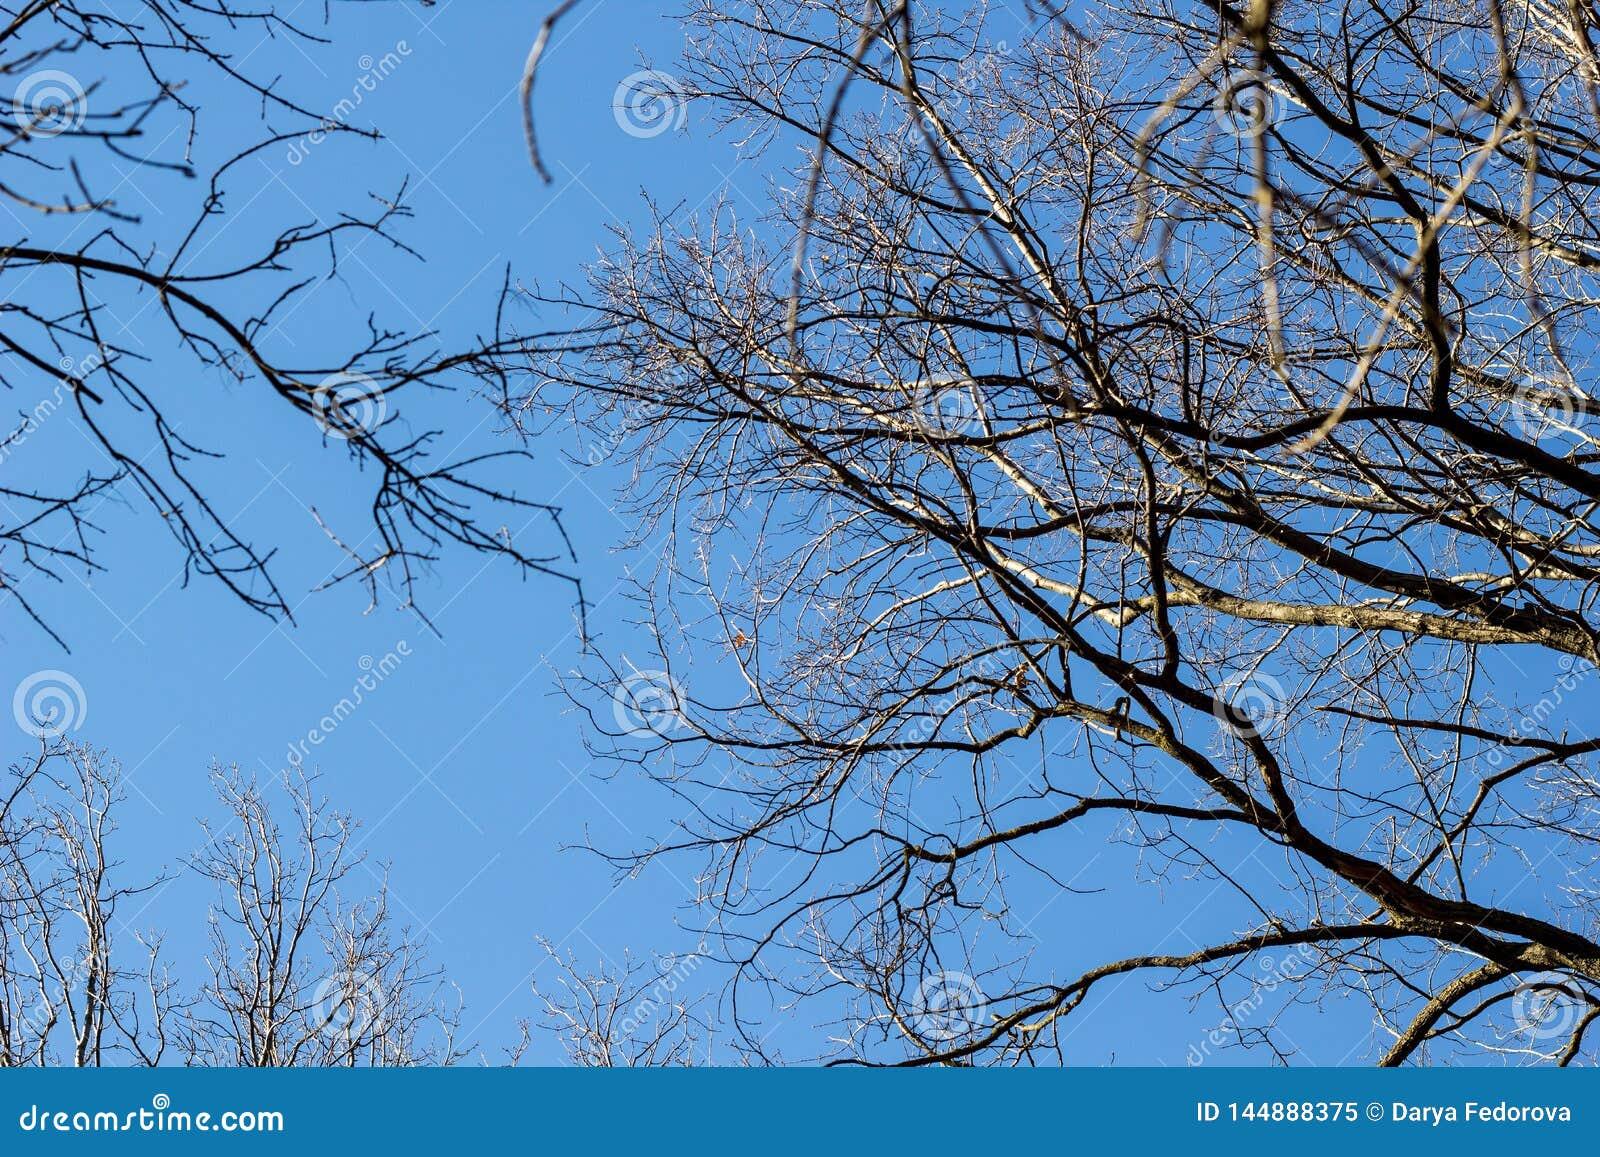 Ανατρέξτε μέσω των δέντρων χωρίς φύλλα το χειμώνα με το μπλε ουρανό